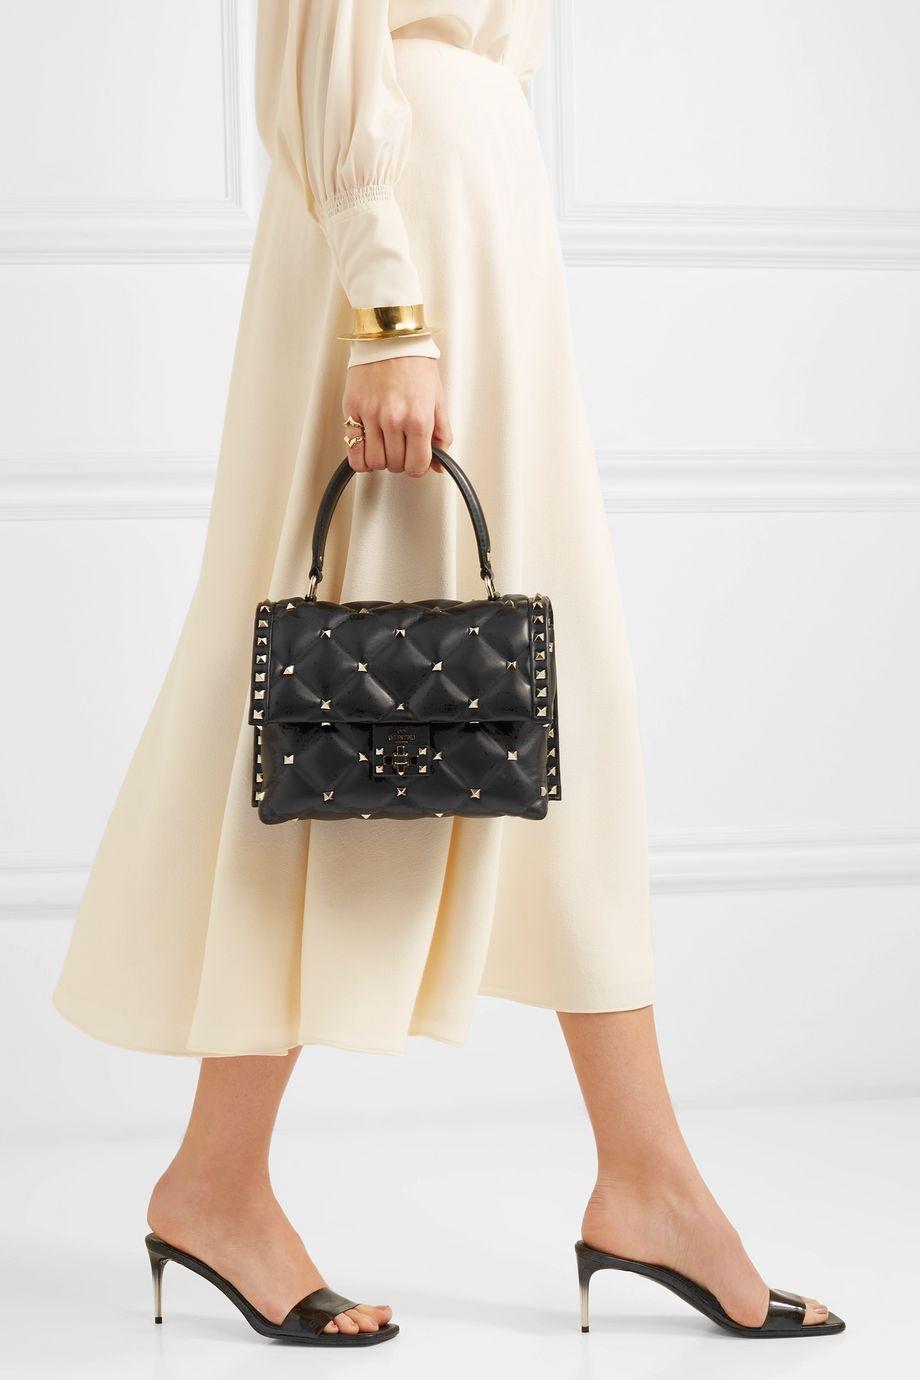 Valentino Valentino Garavani Candystud quilted leather shoulder bag